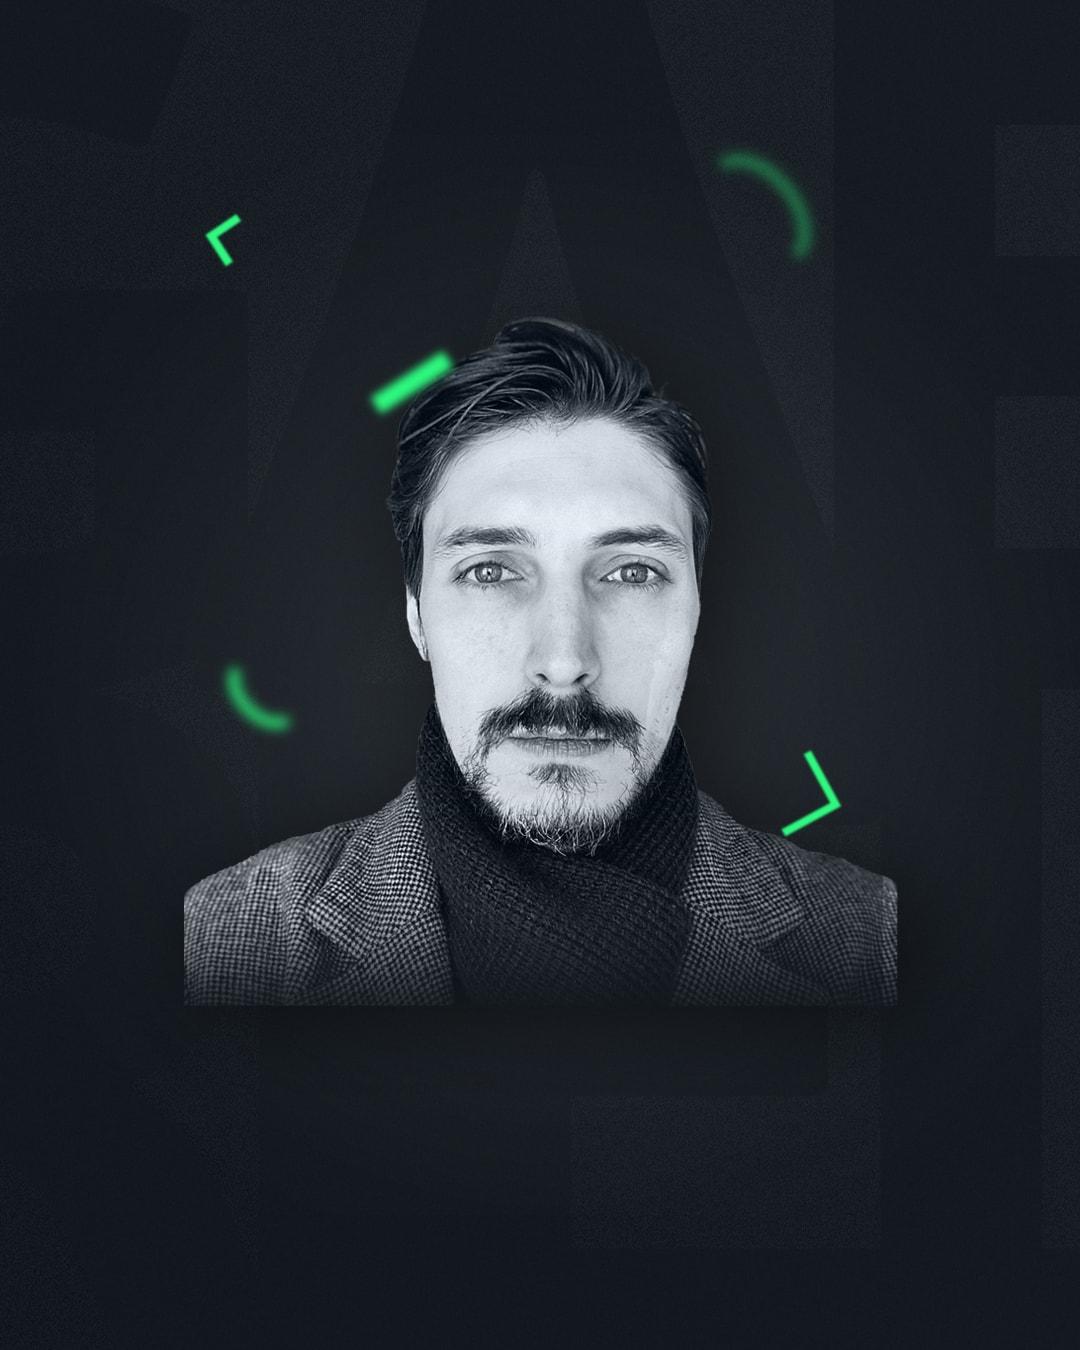 Gabriel imagem de perfil